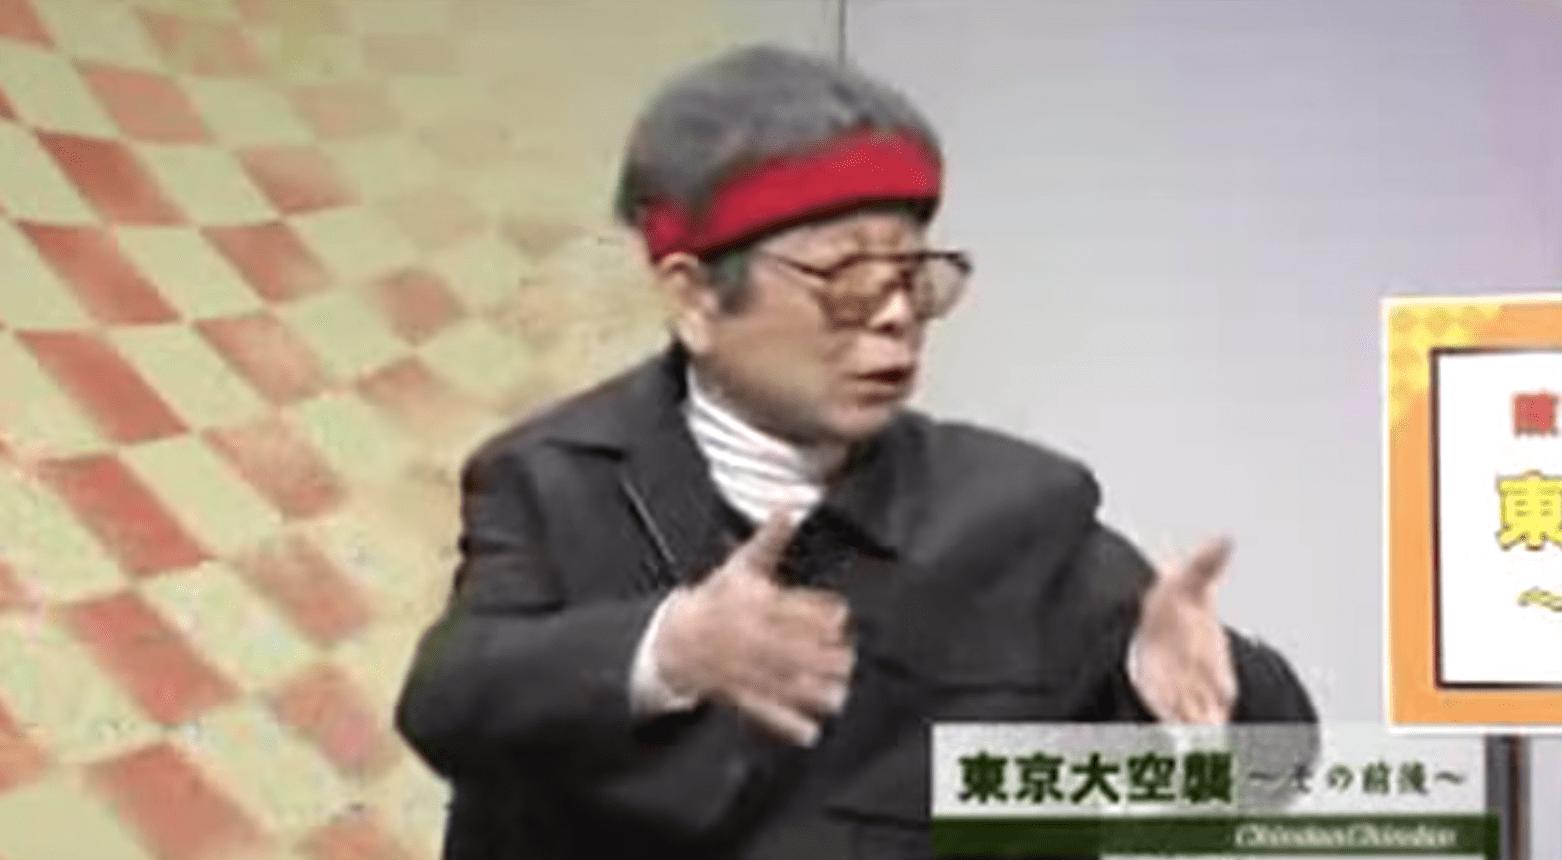 立川談志が語る「東京大空襲」。映像よりもリアルに浮かぶ戦争の情景。